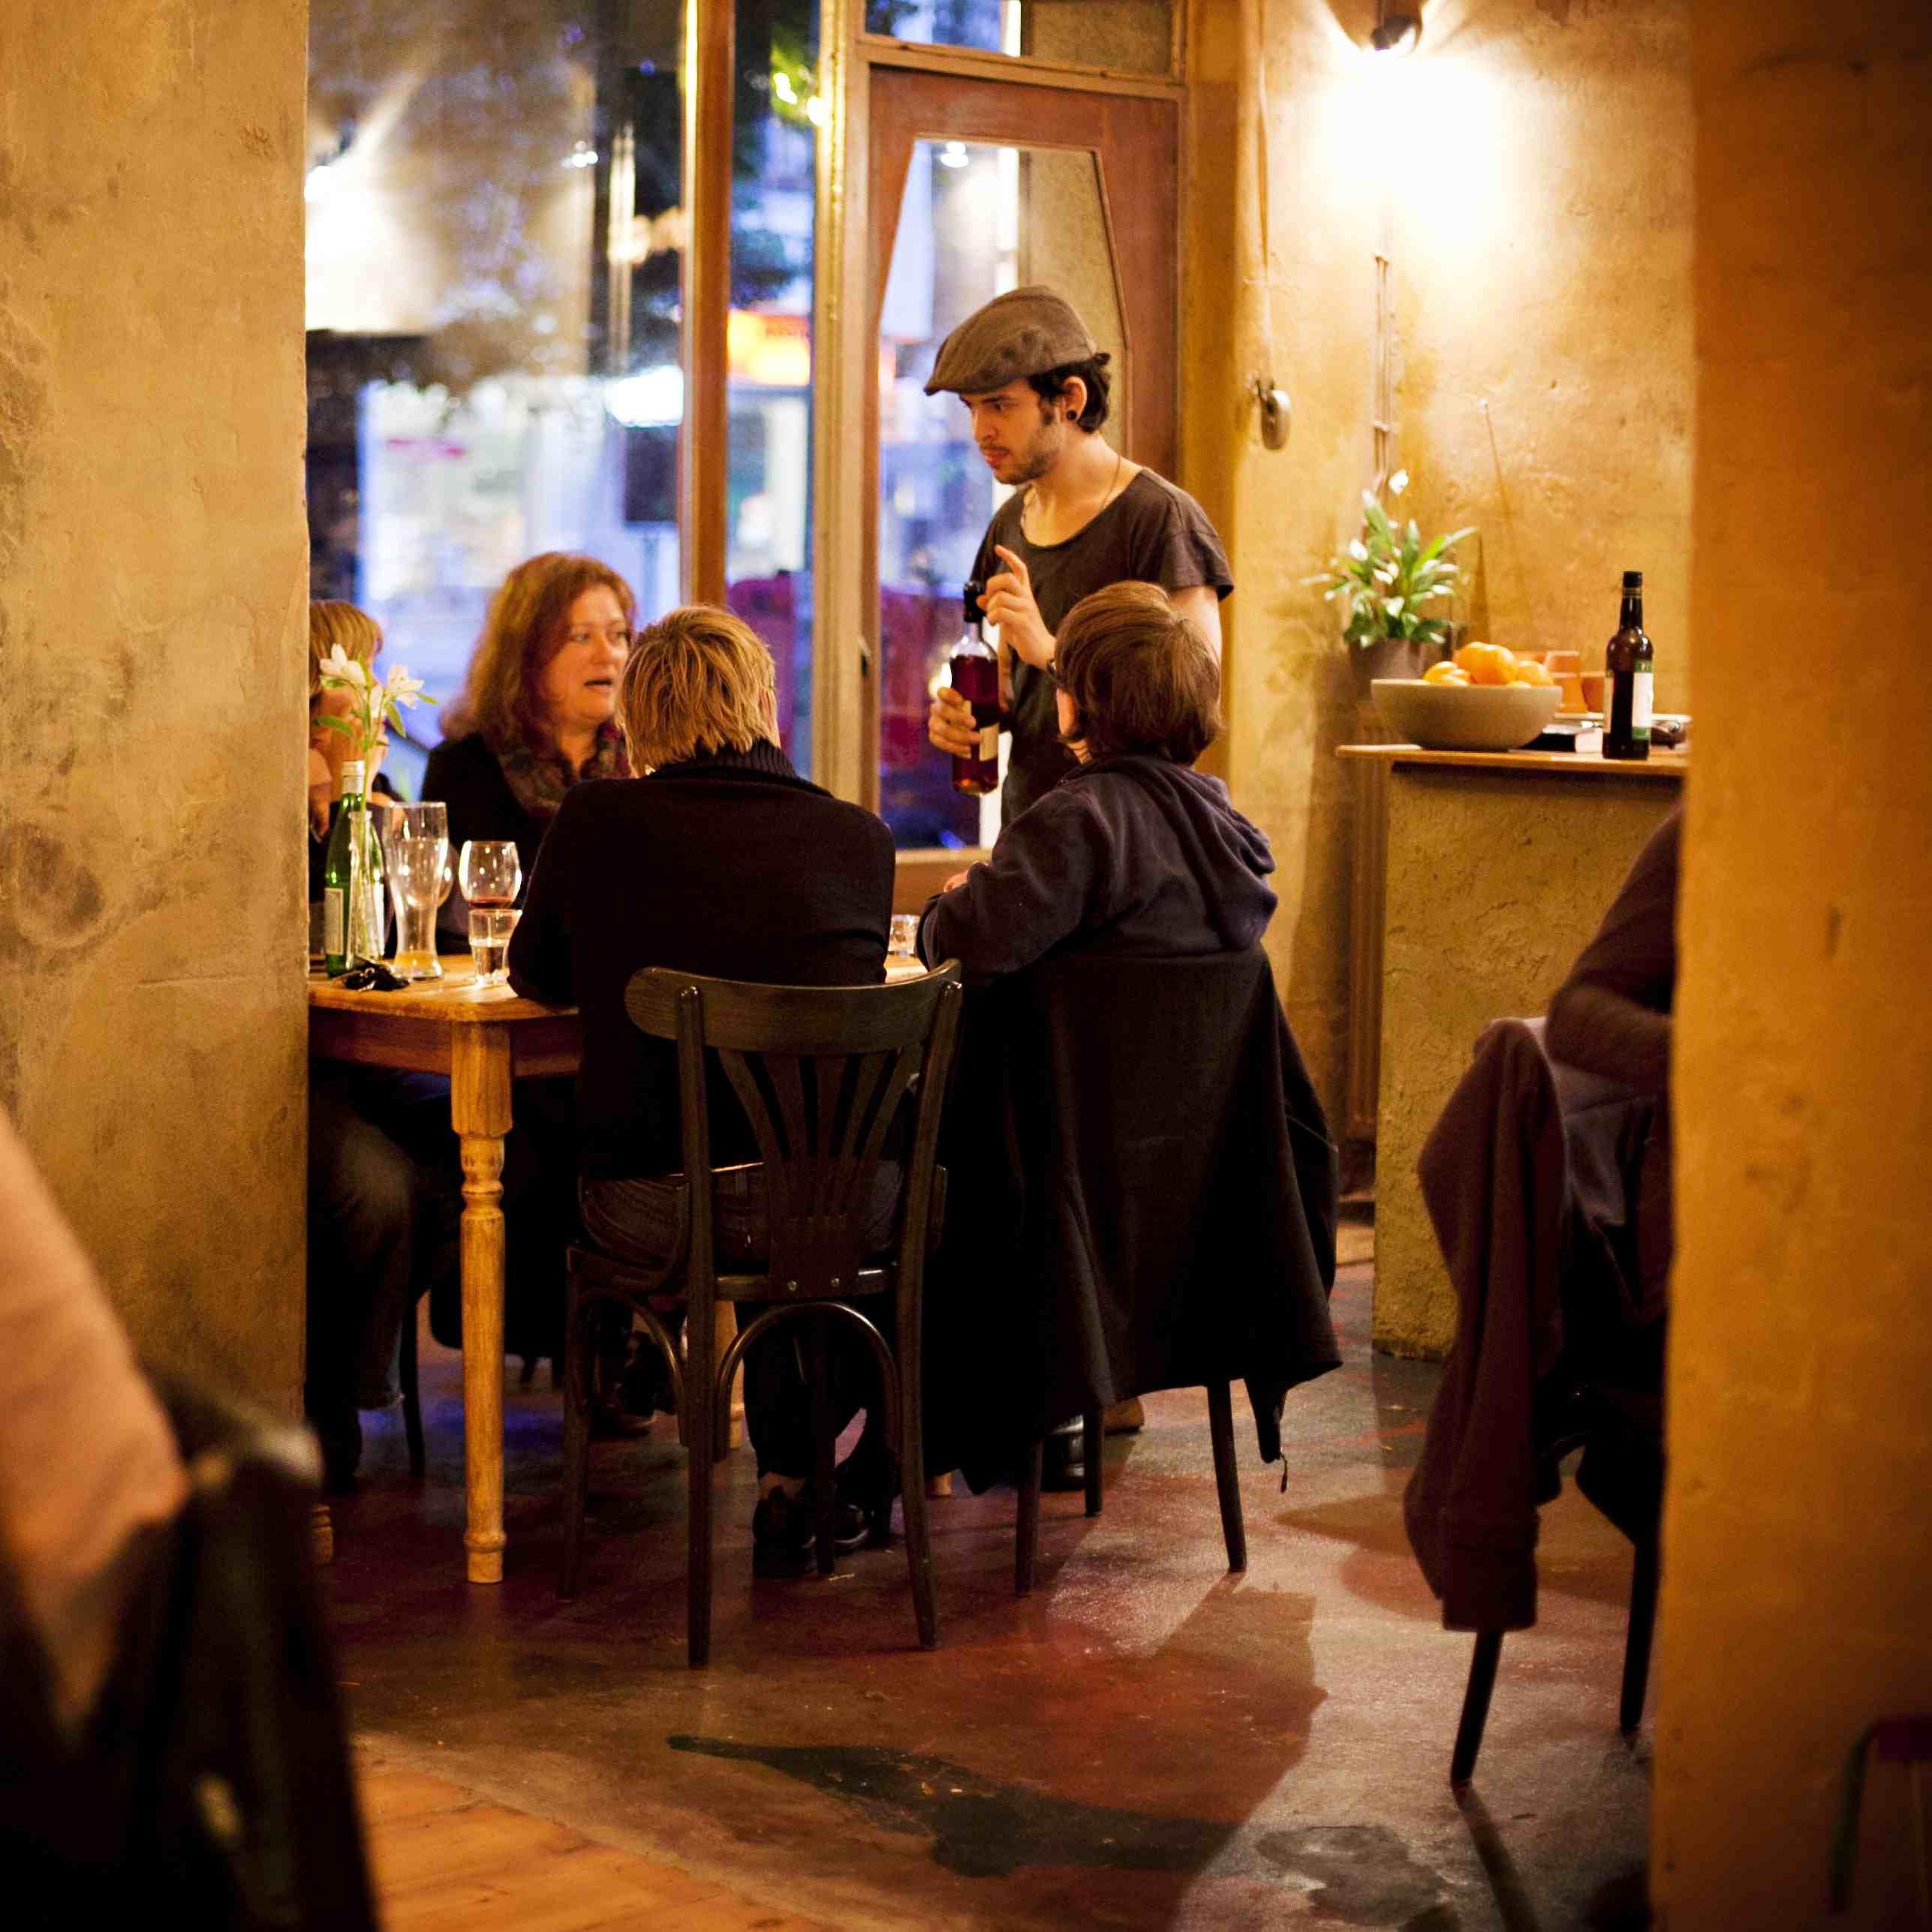 Paleo-Restaurant-Sauvage-Berlin-Interieur-3